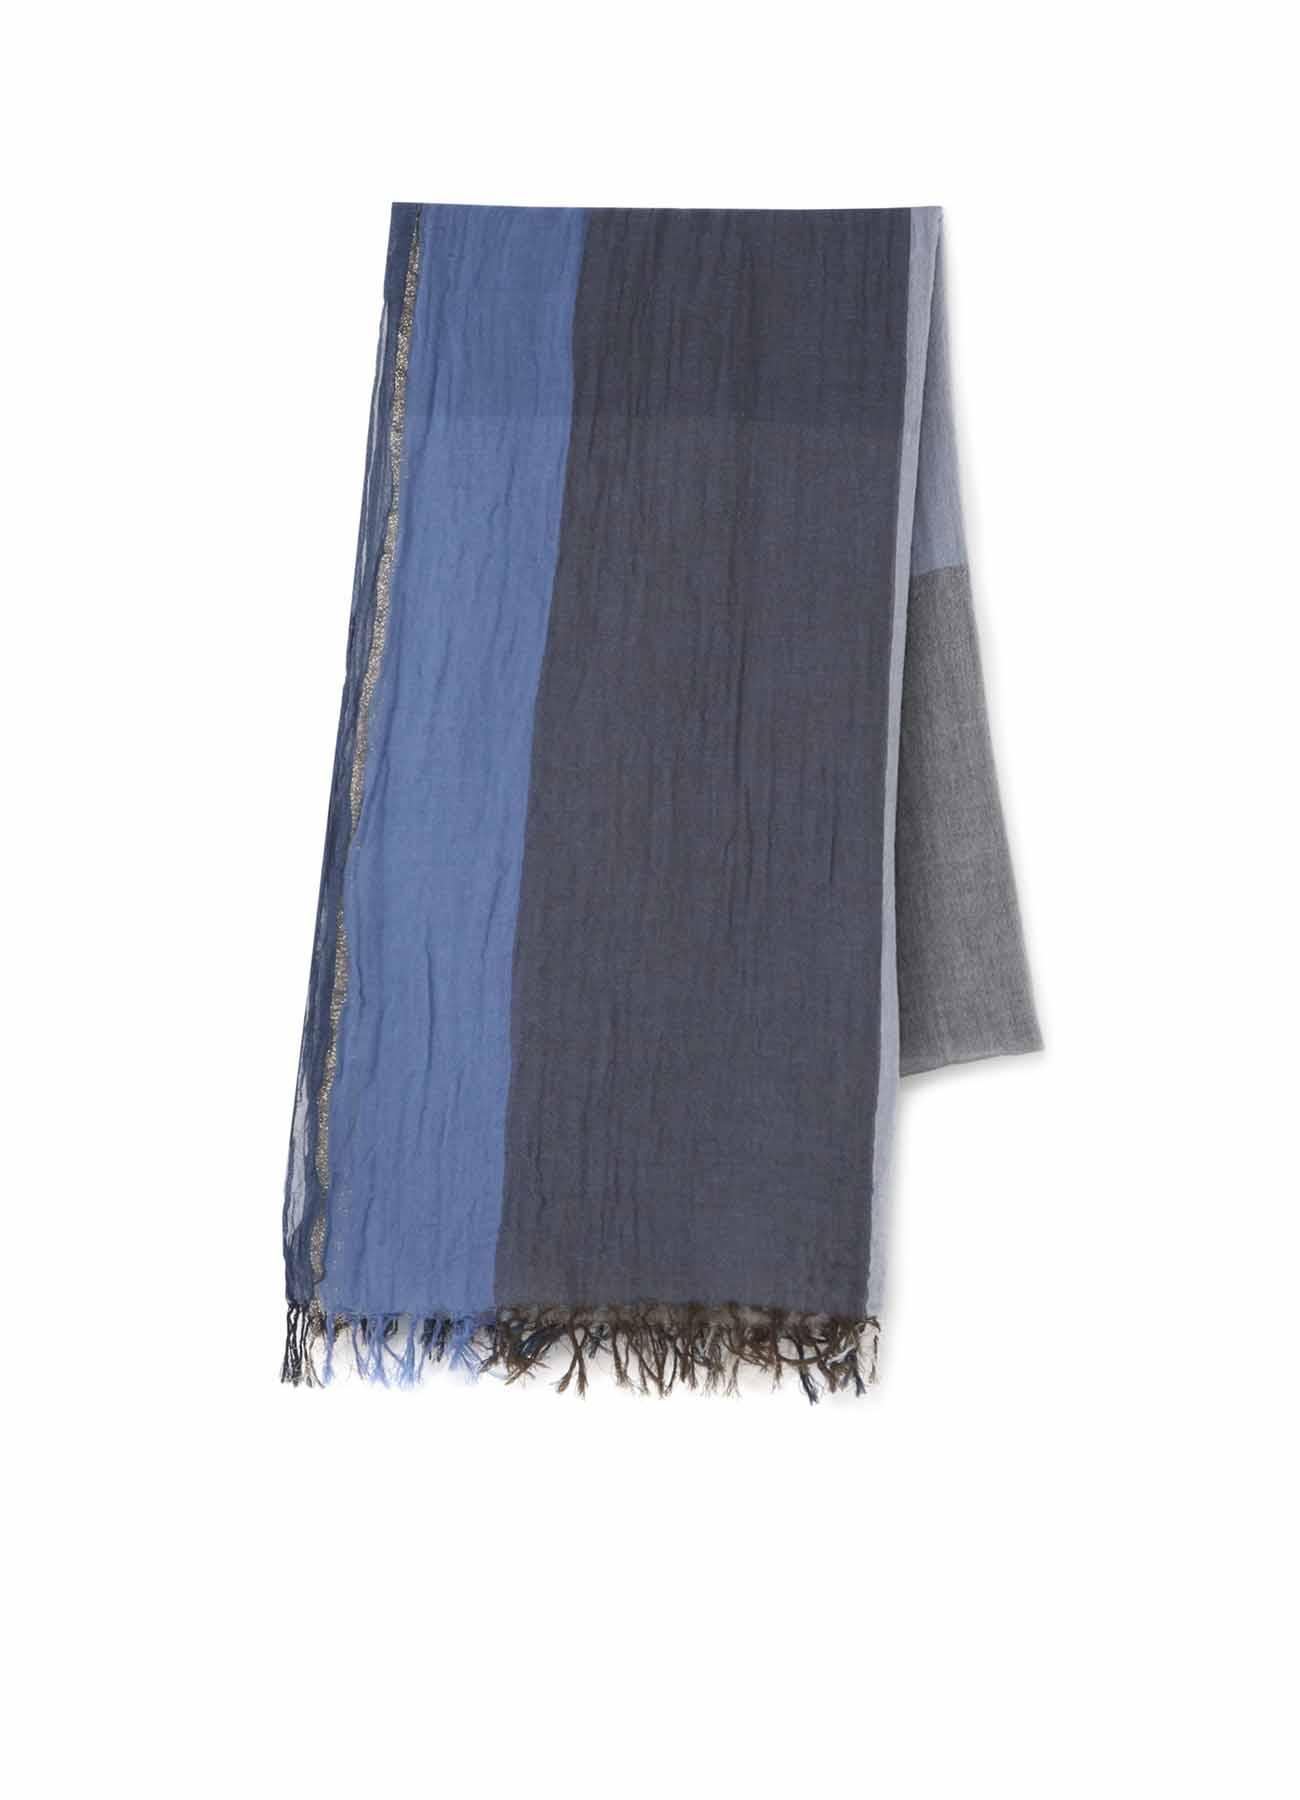 纯棉轻薄三色围巾